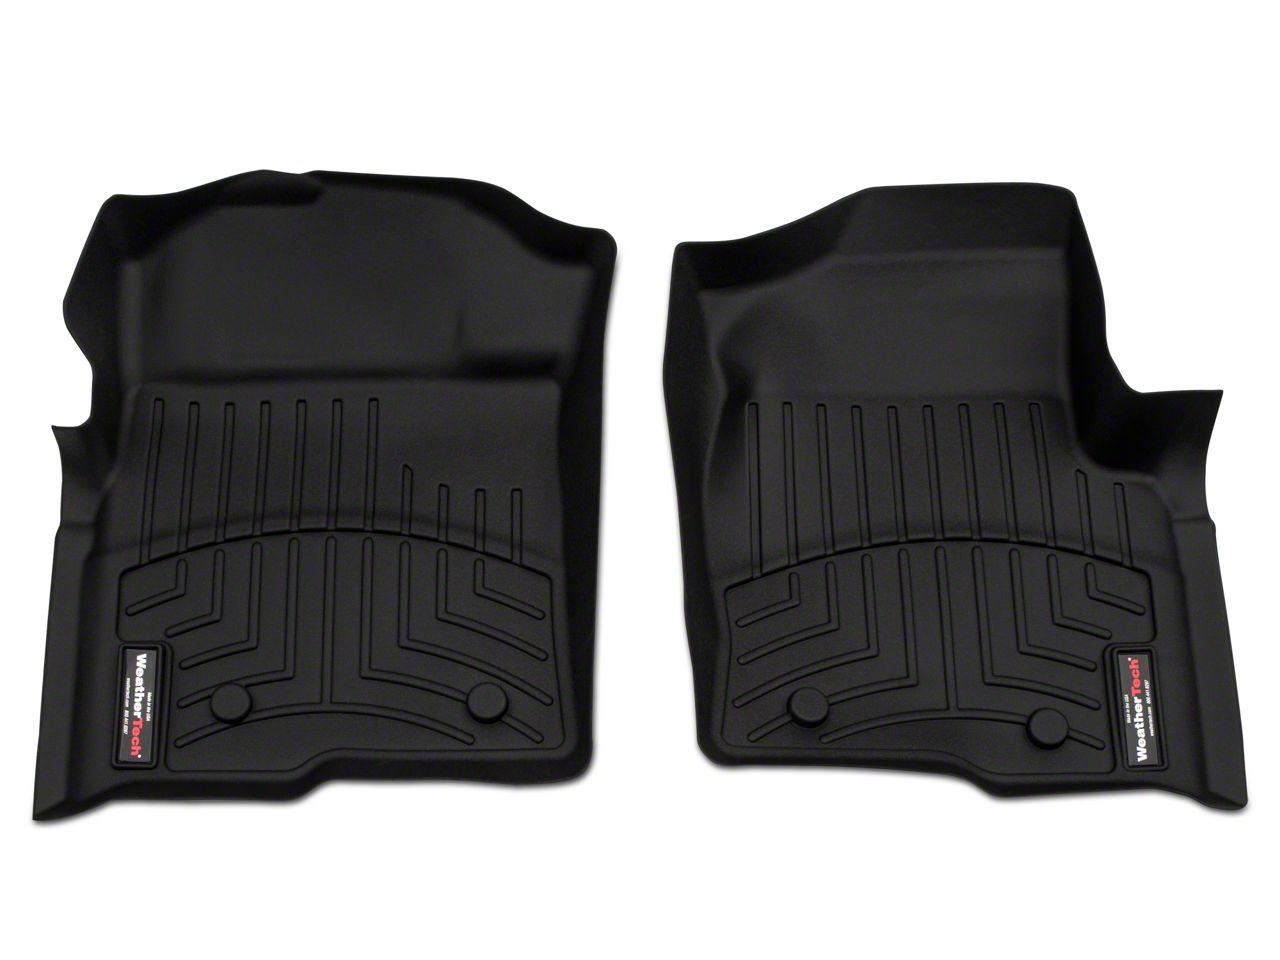 Weathertech DigitalFit Front Floor Liner - Black (09-14 F-150 w/ Dual Floor Post & Underseat Heat Duct)